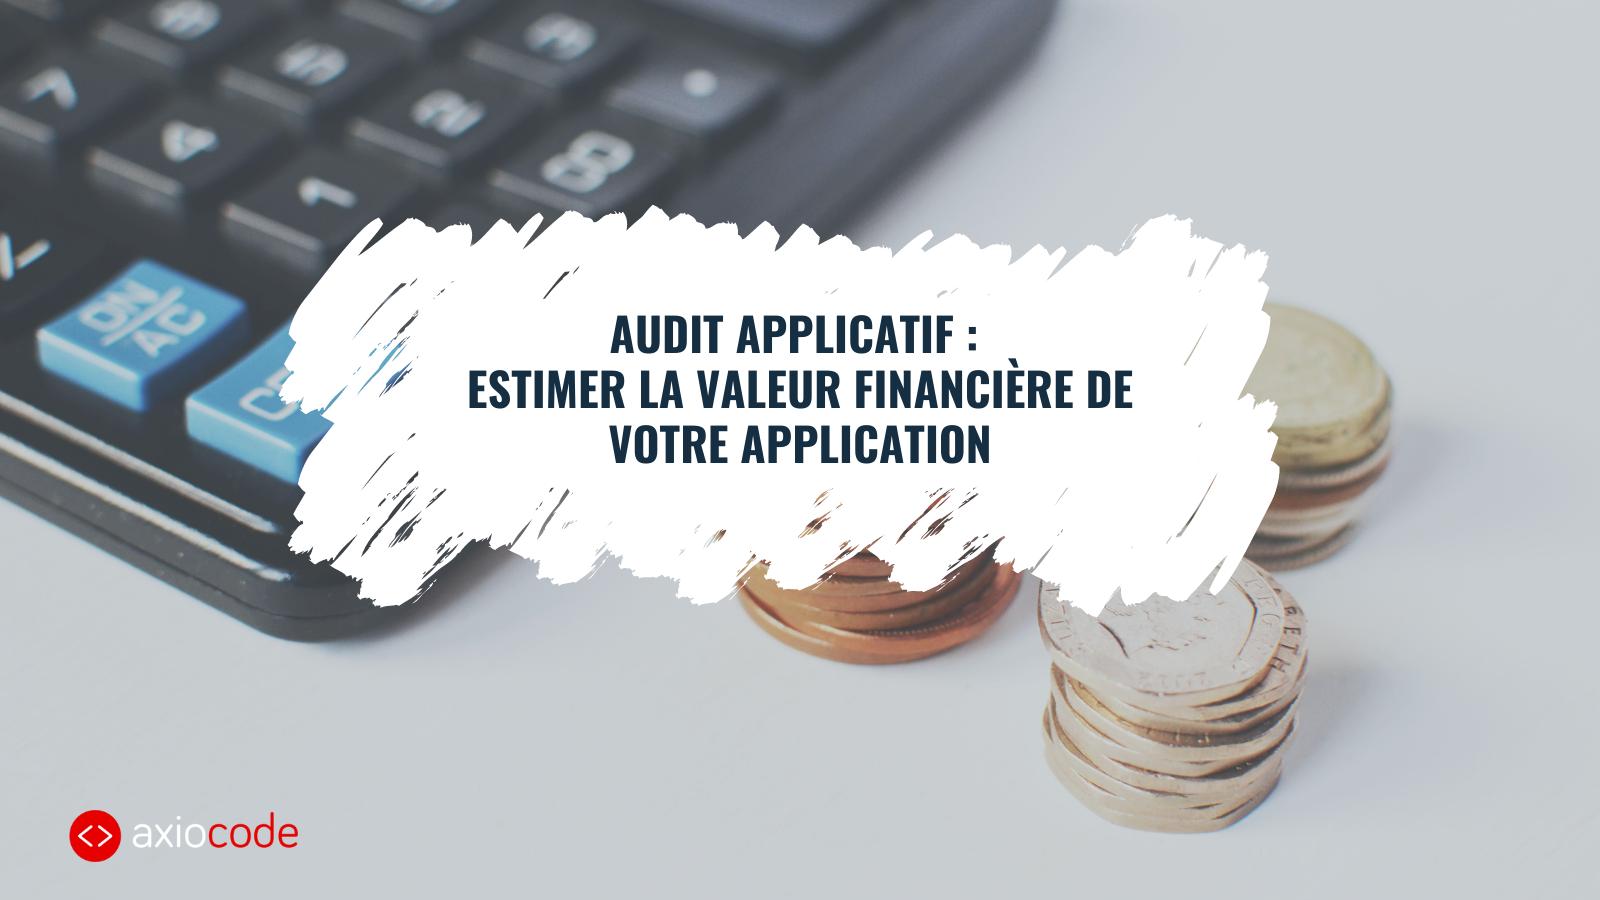 Découvrez comment estimer la valeur financière de votre application et faire le choix stratégique de maintenance ou de remplacement